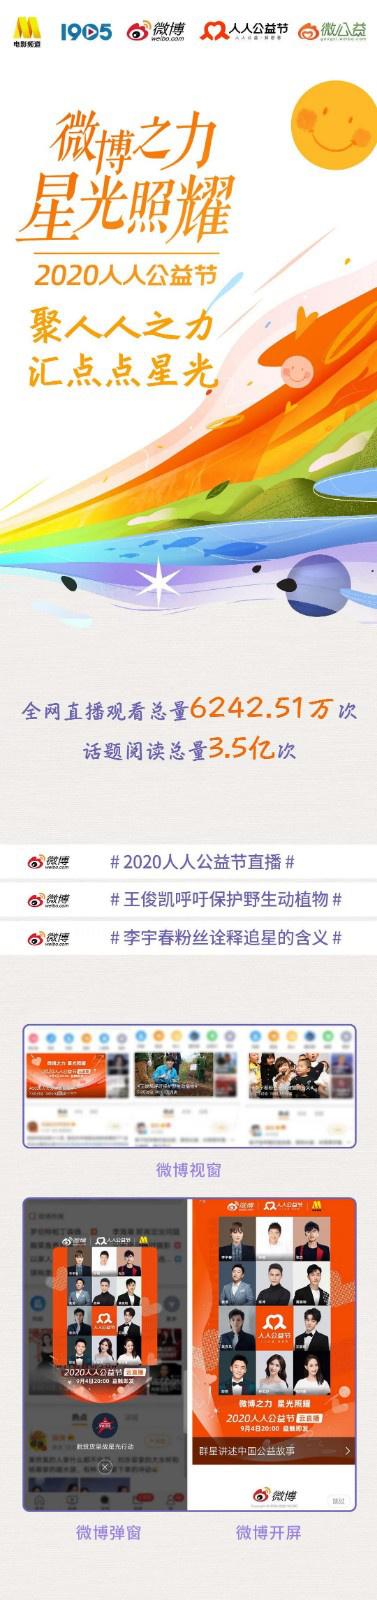 皇冠新现金网平台:爱的接力!电影频道携手群星讲述中国公益故事 第16张